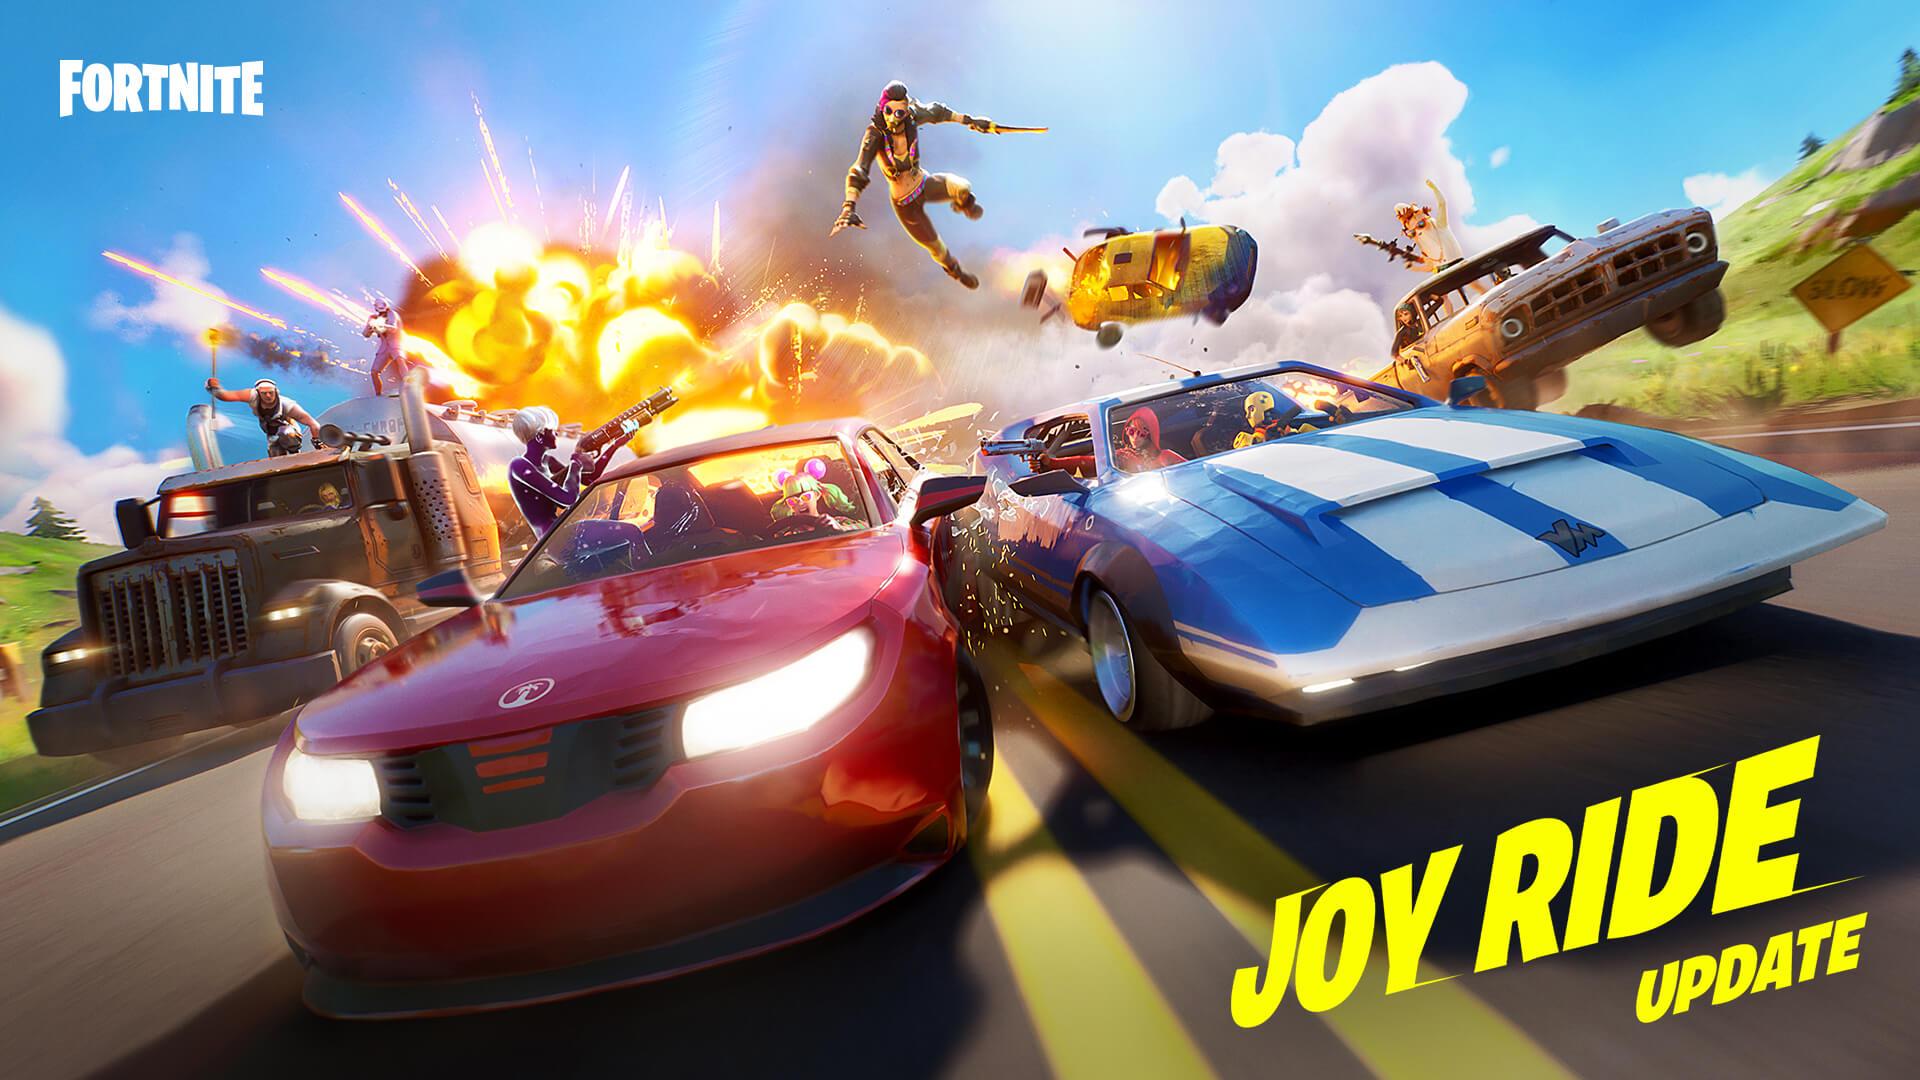 Off Road Fortnite Map Fortnite Creative V 16 20 Update Joyride Vehicles Now In Fortnite Creative